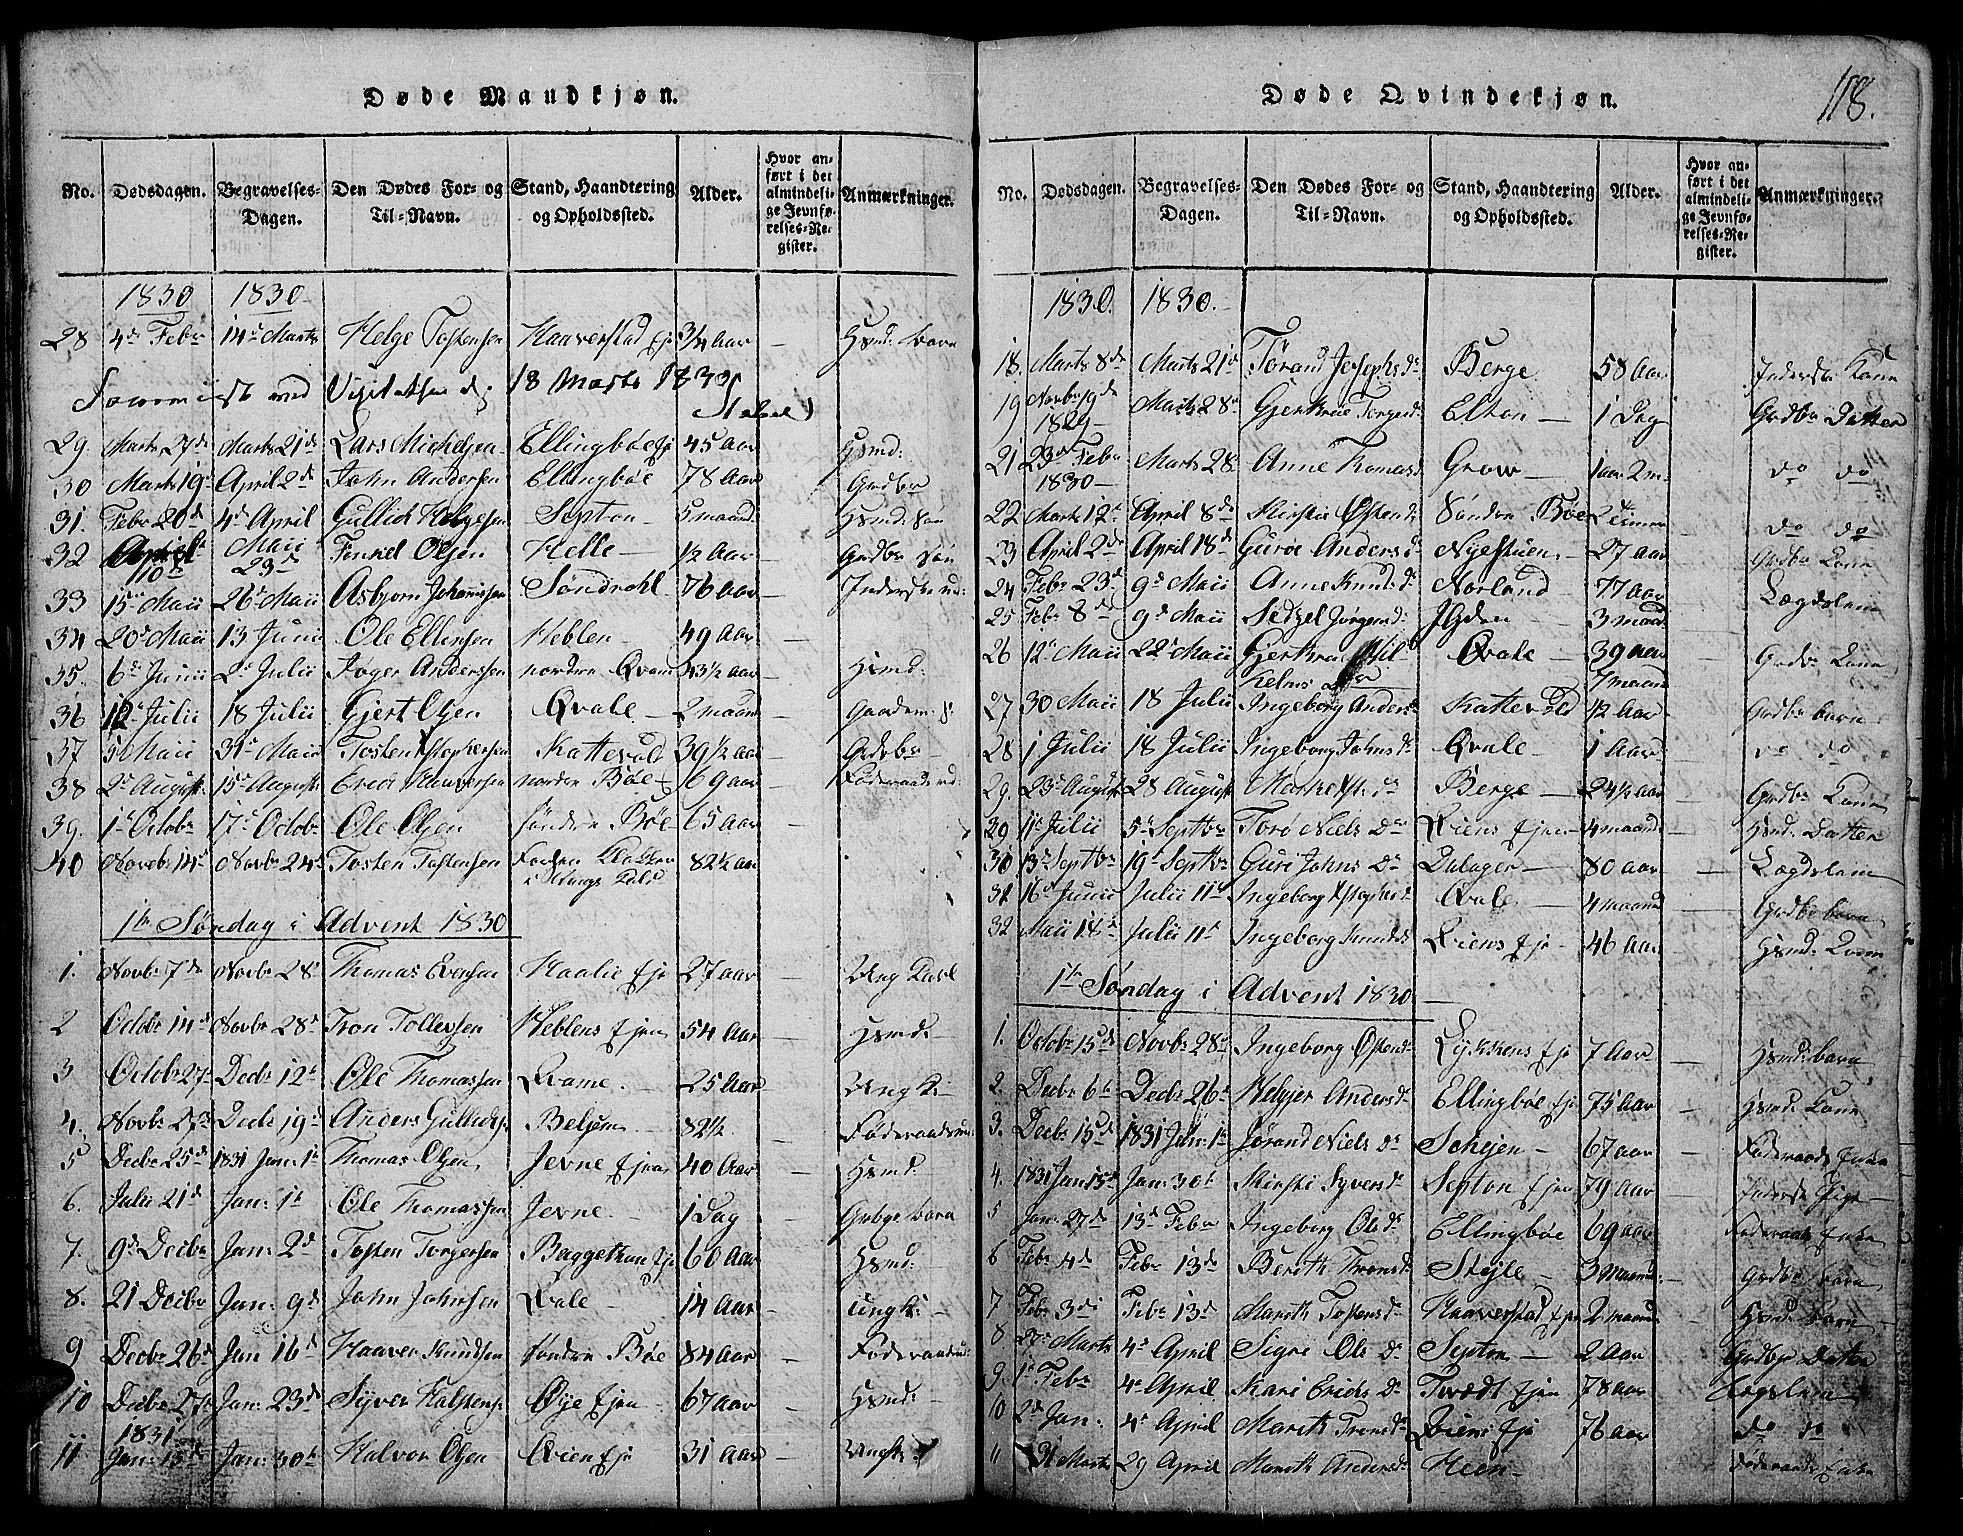 SAH, Vang prestekontor, Valdres, Klokkerbok nr. 2, 1814-1889, s. 118